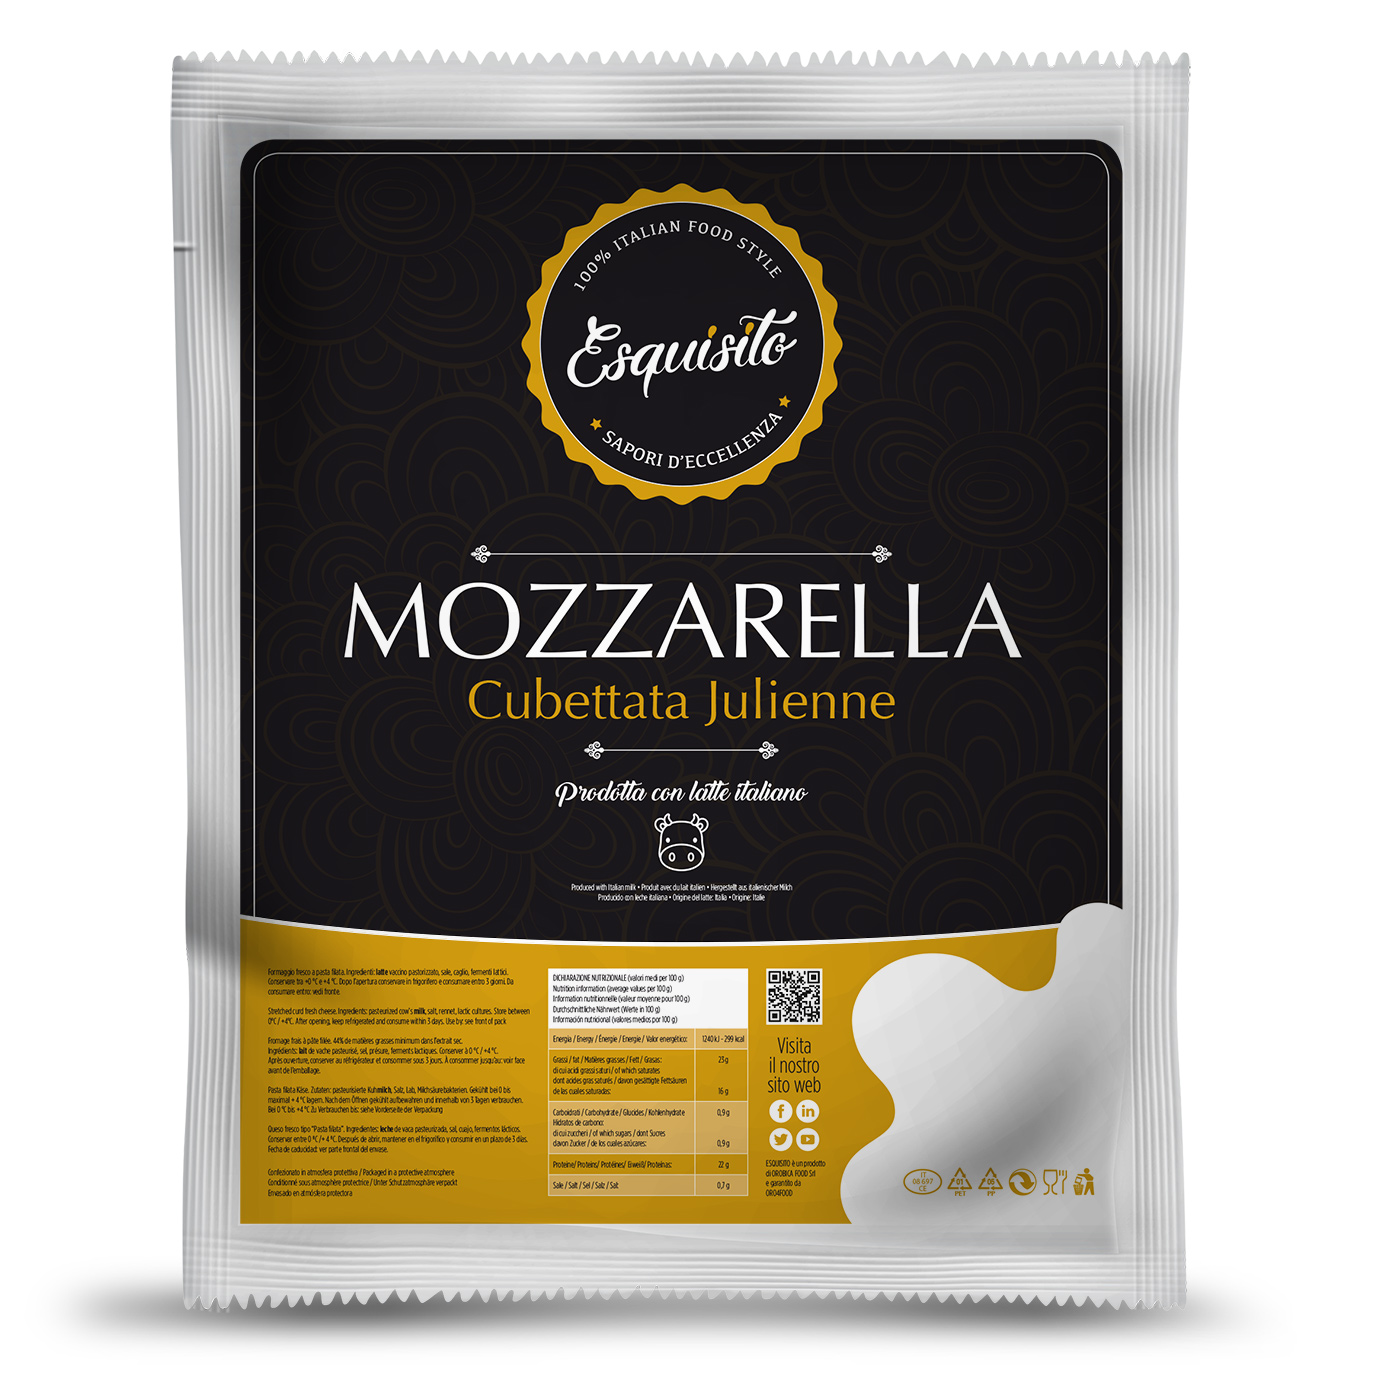 Orobica Food-Esquisito-mozzarella